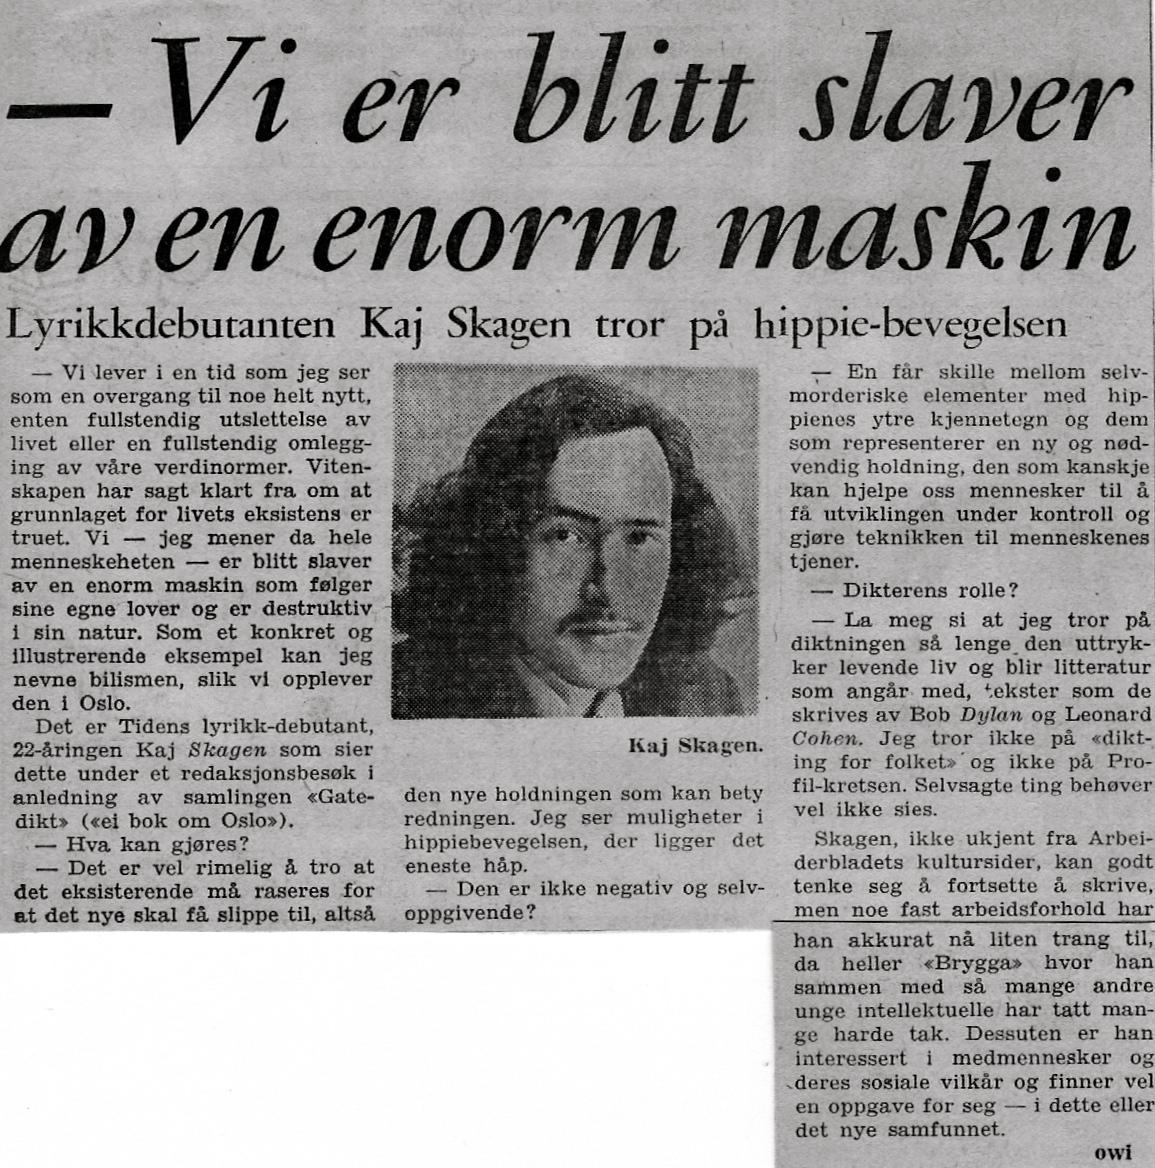 Forhåndsomtale i Dagbladet